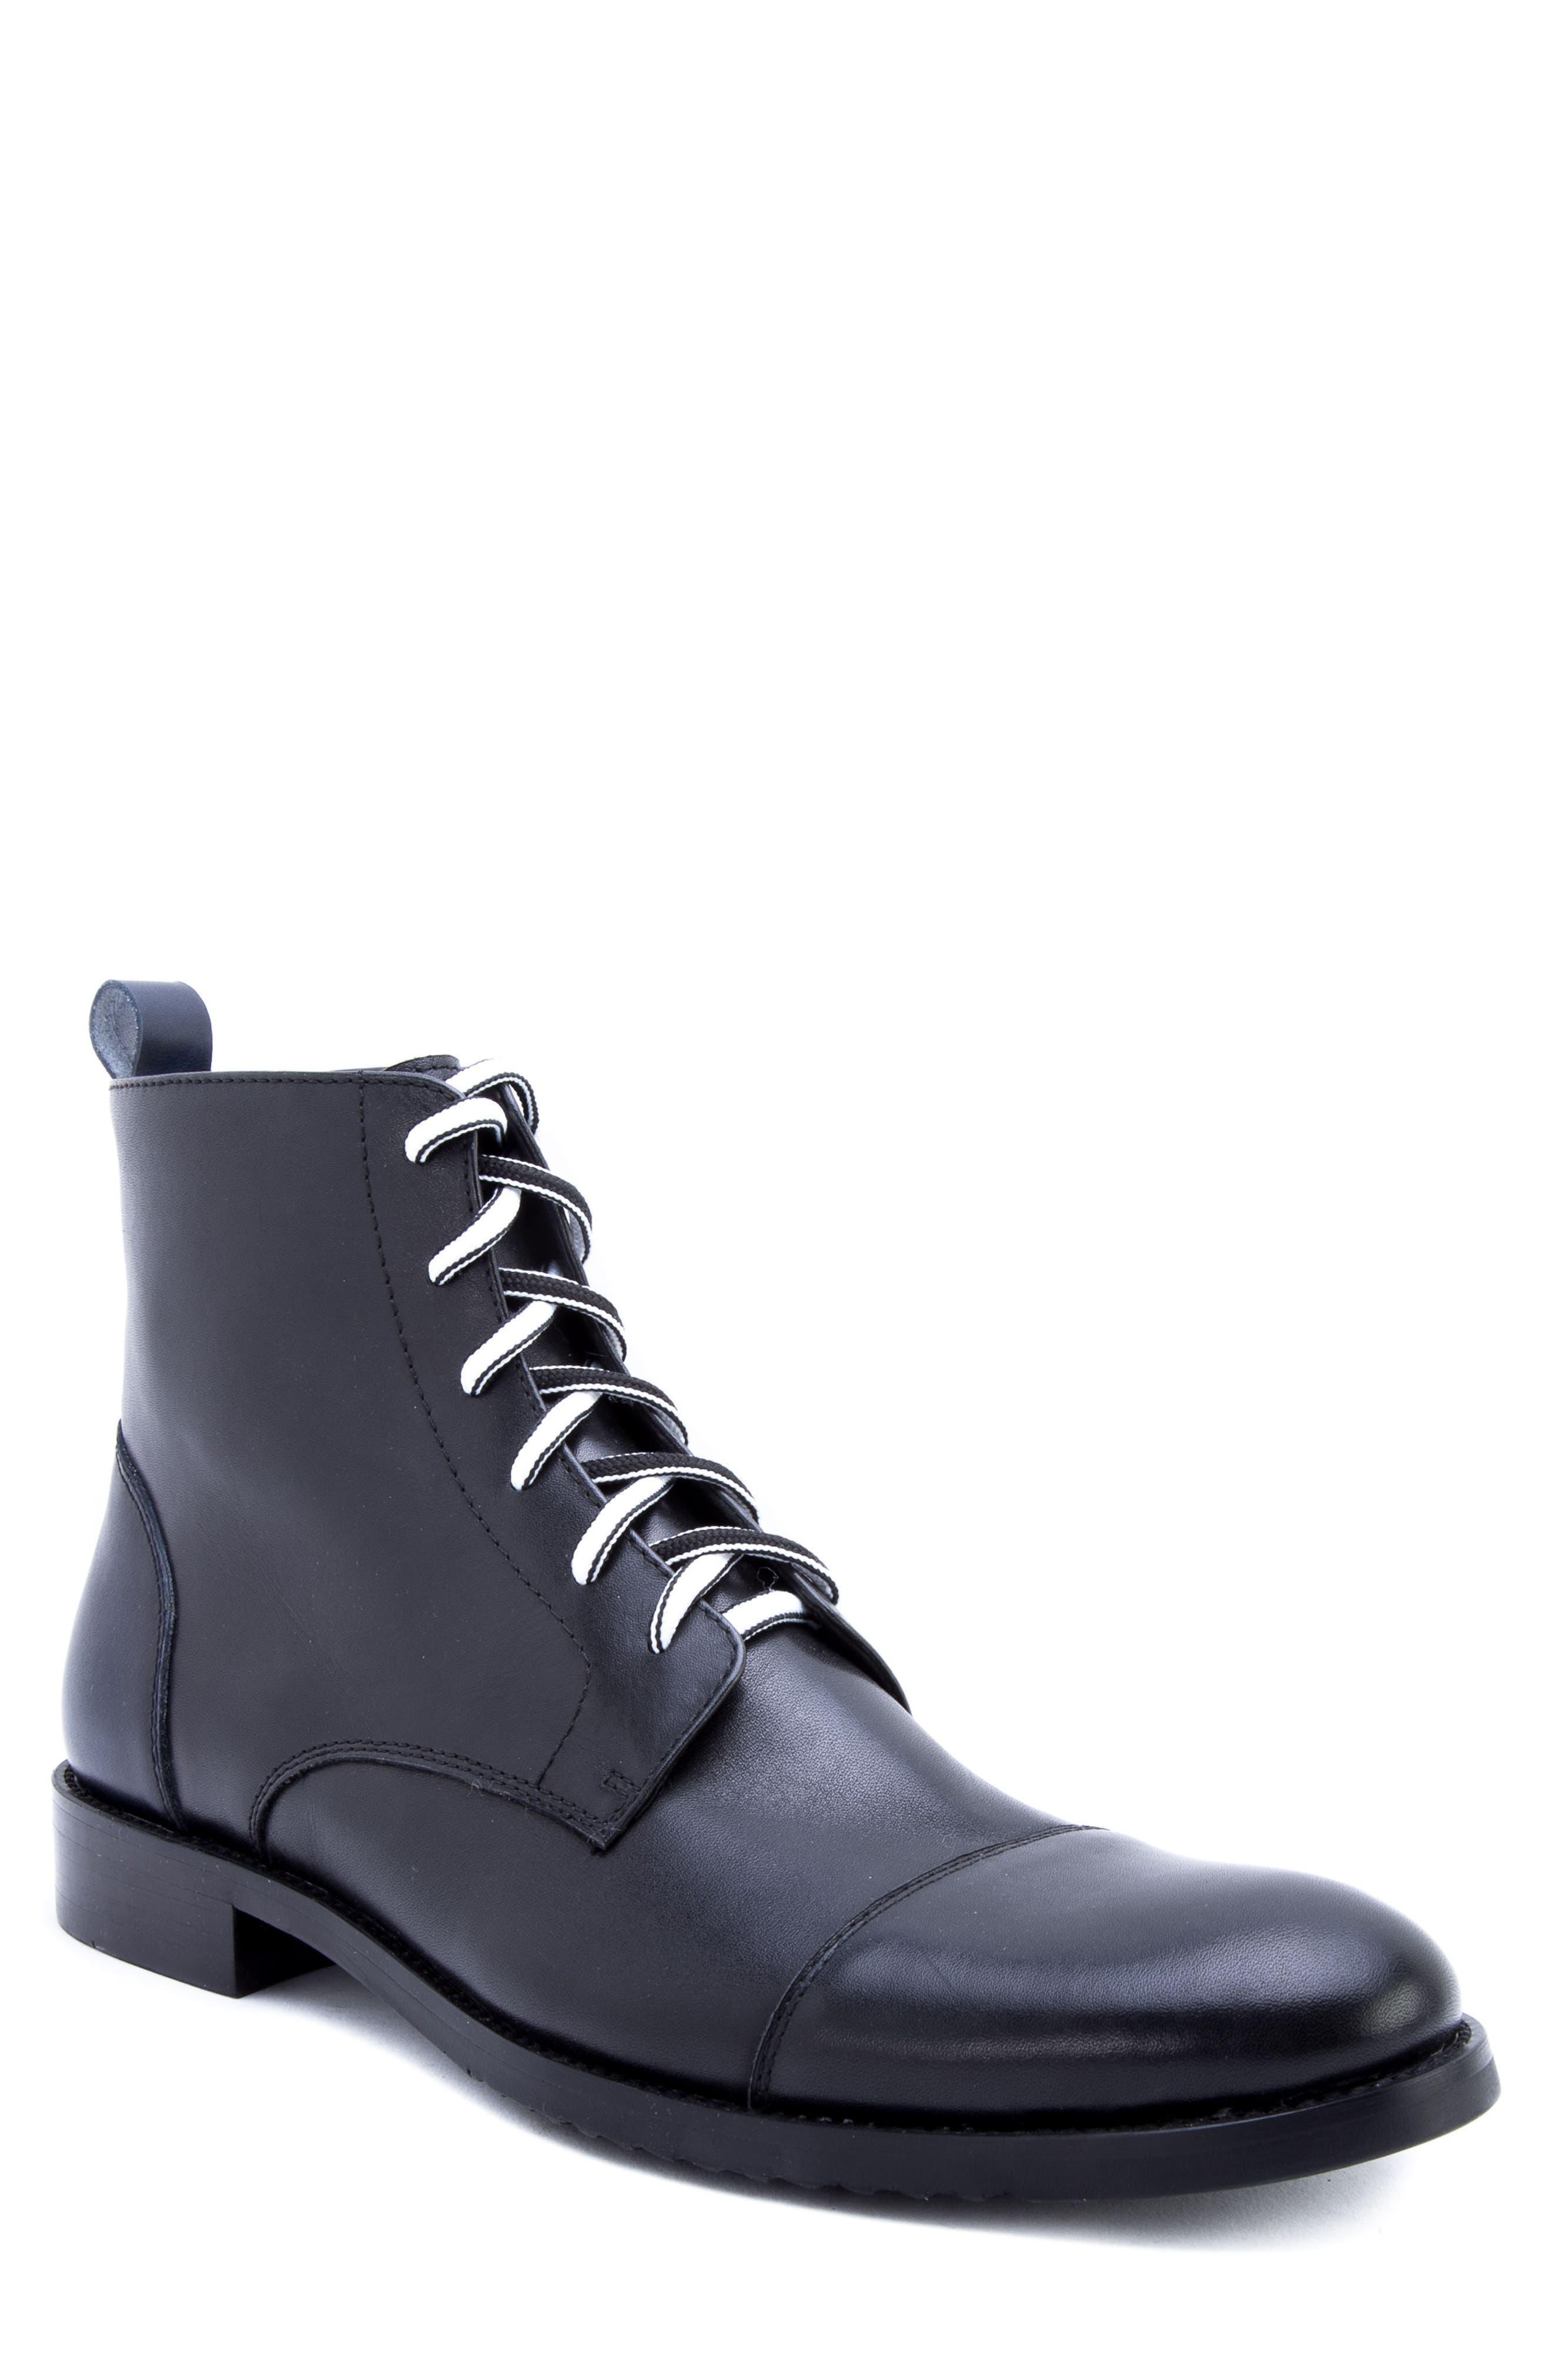 Lombardo Cap Toe Boot,                         Main,                         color, 001